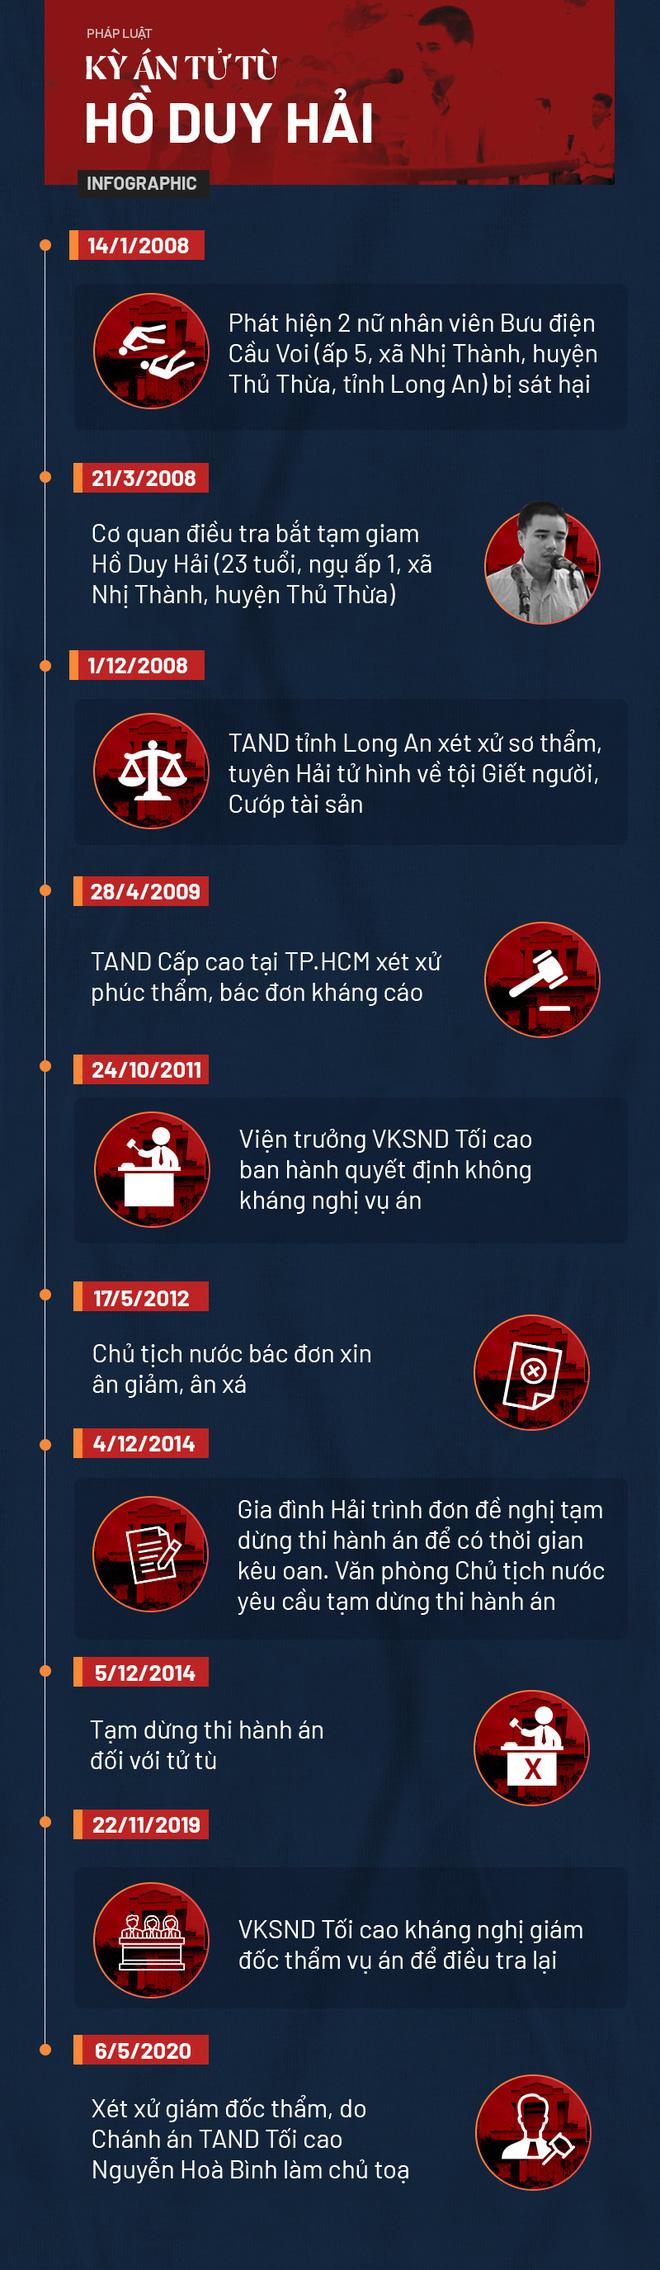 Liên đoàn Luật sư kiến nghị để luật sư Trần Hồng Phong tiếp tục tham gia phiên giám đốc thẩm kỳ án Hồ Duy Hải - Ảnh 5.